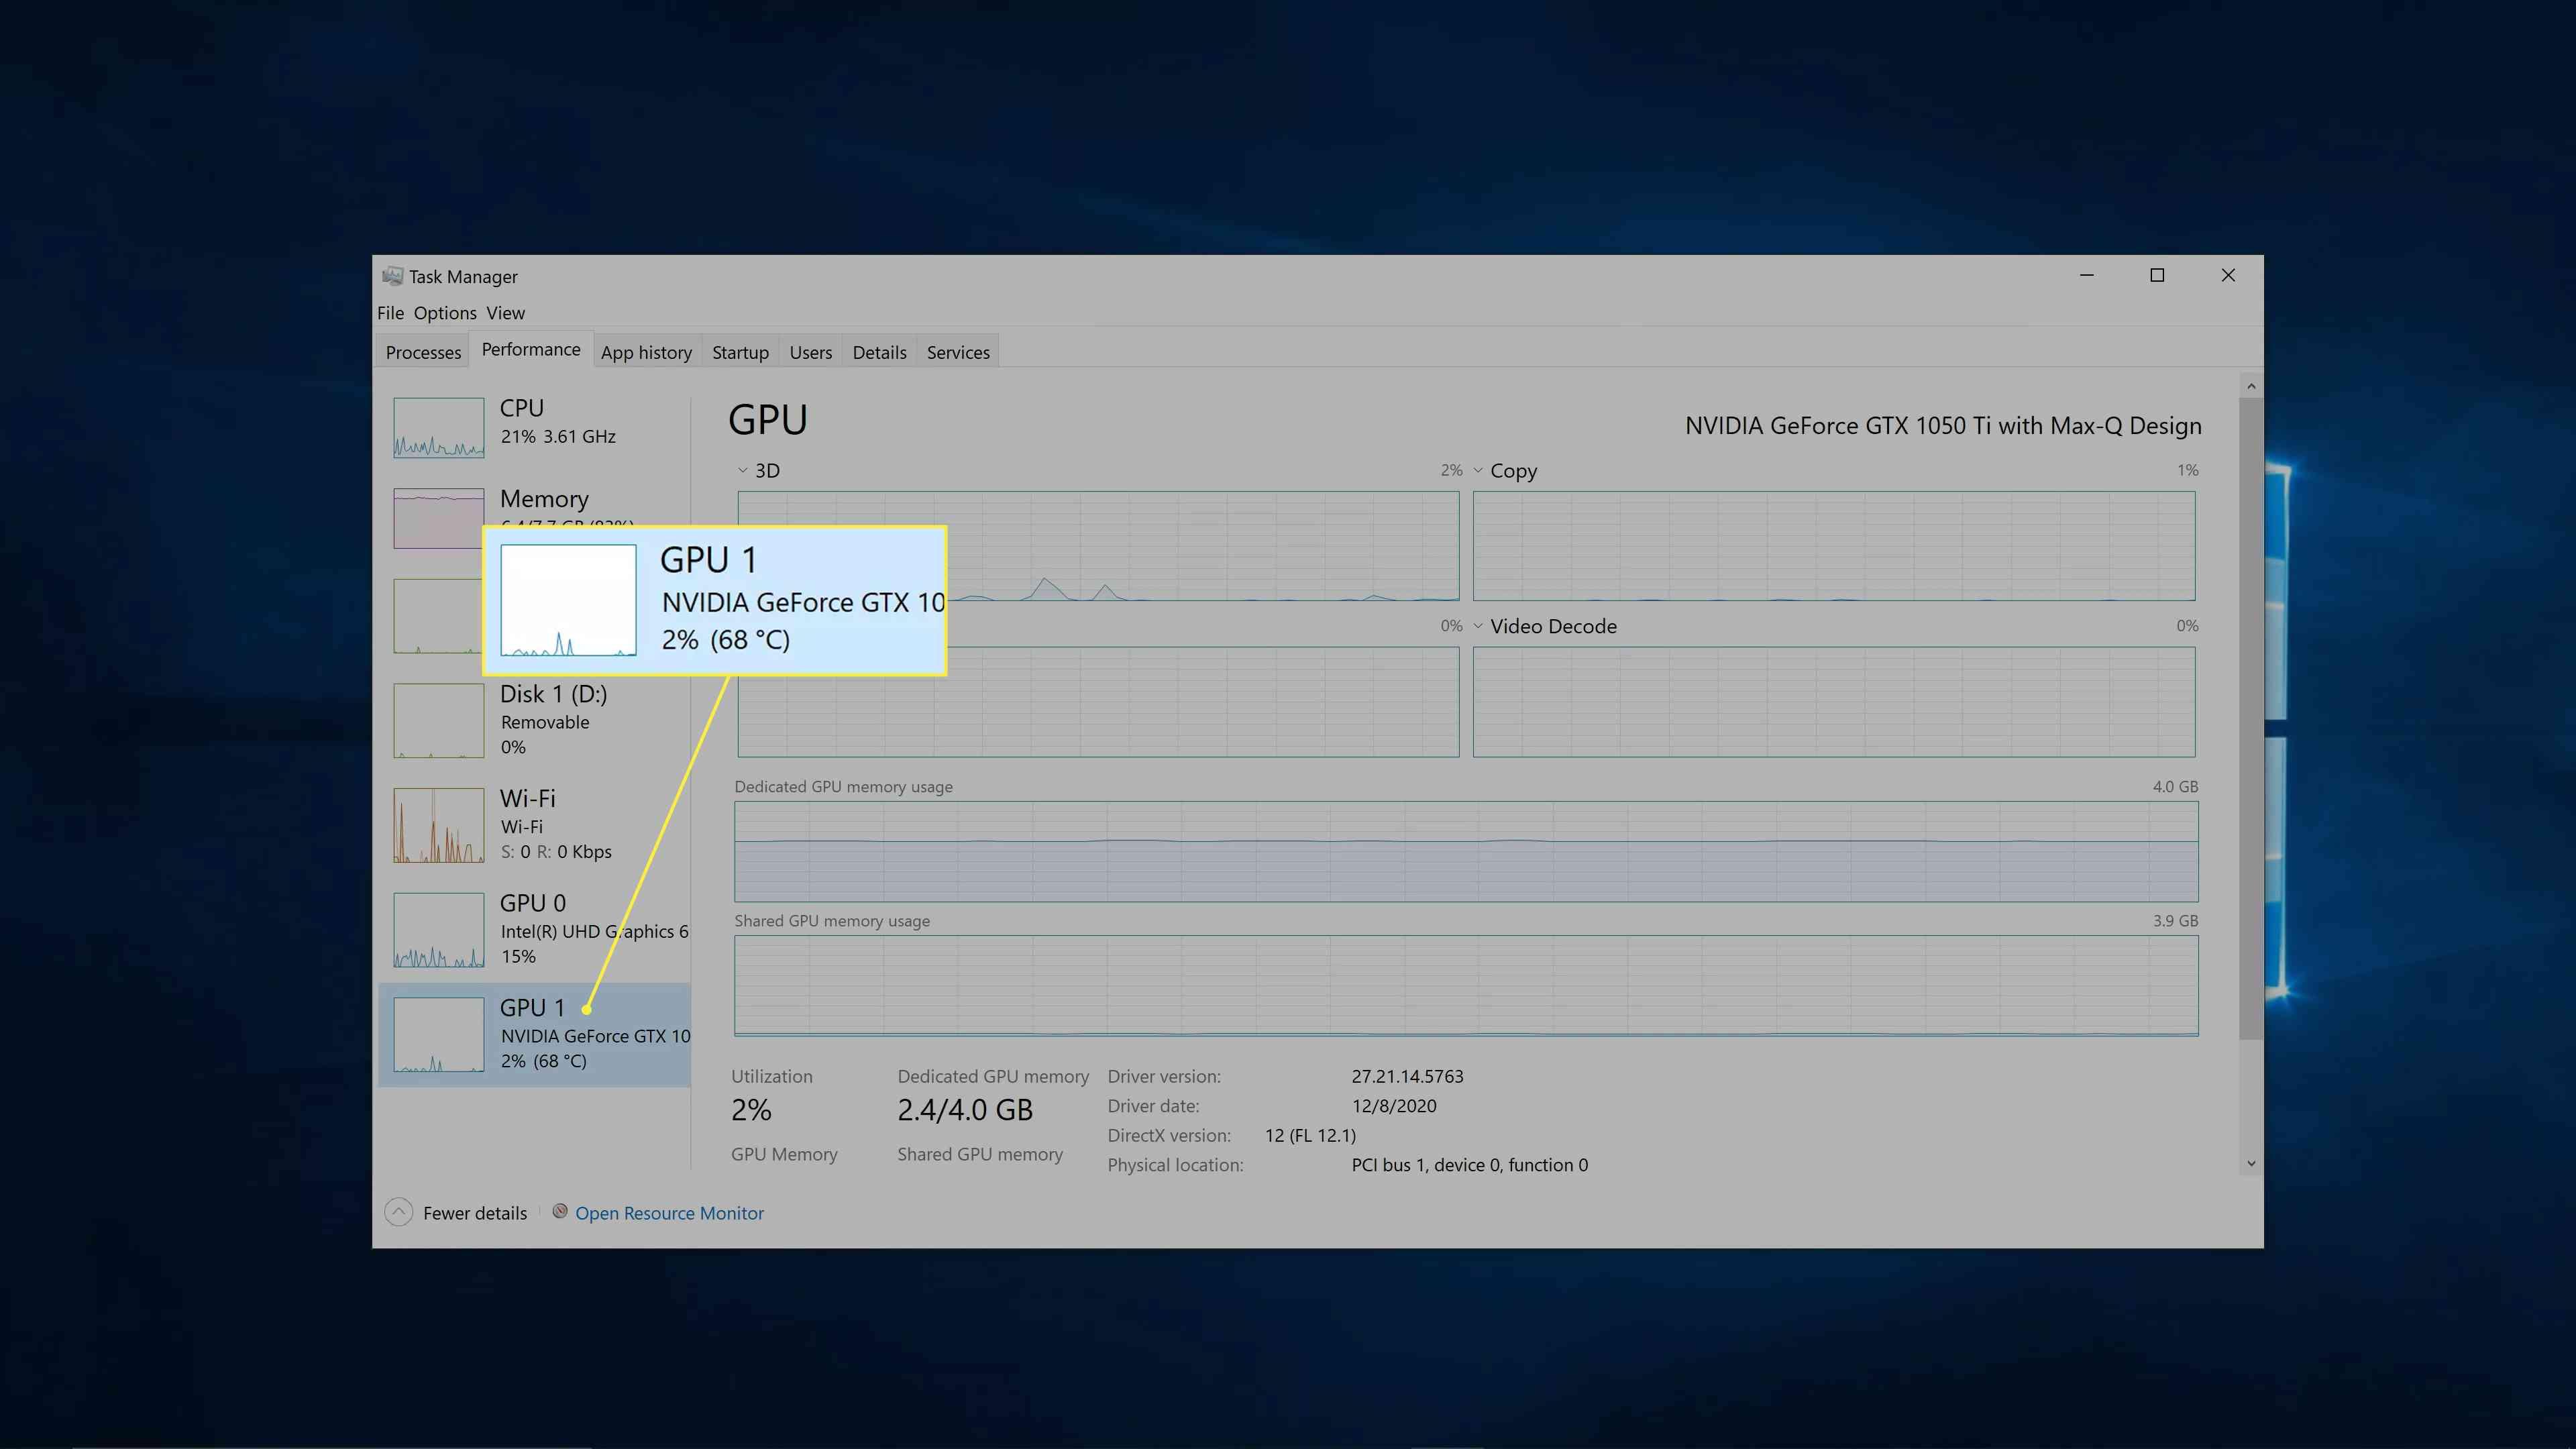 Windows 10 GPU specs.